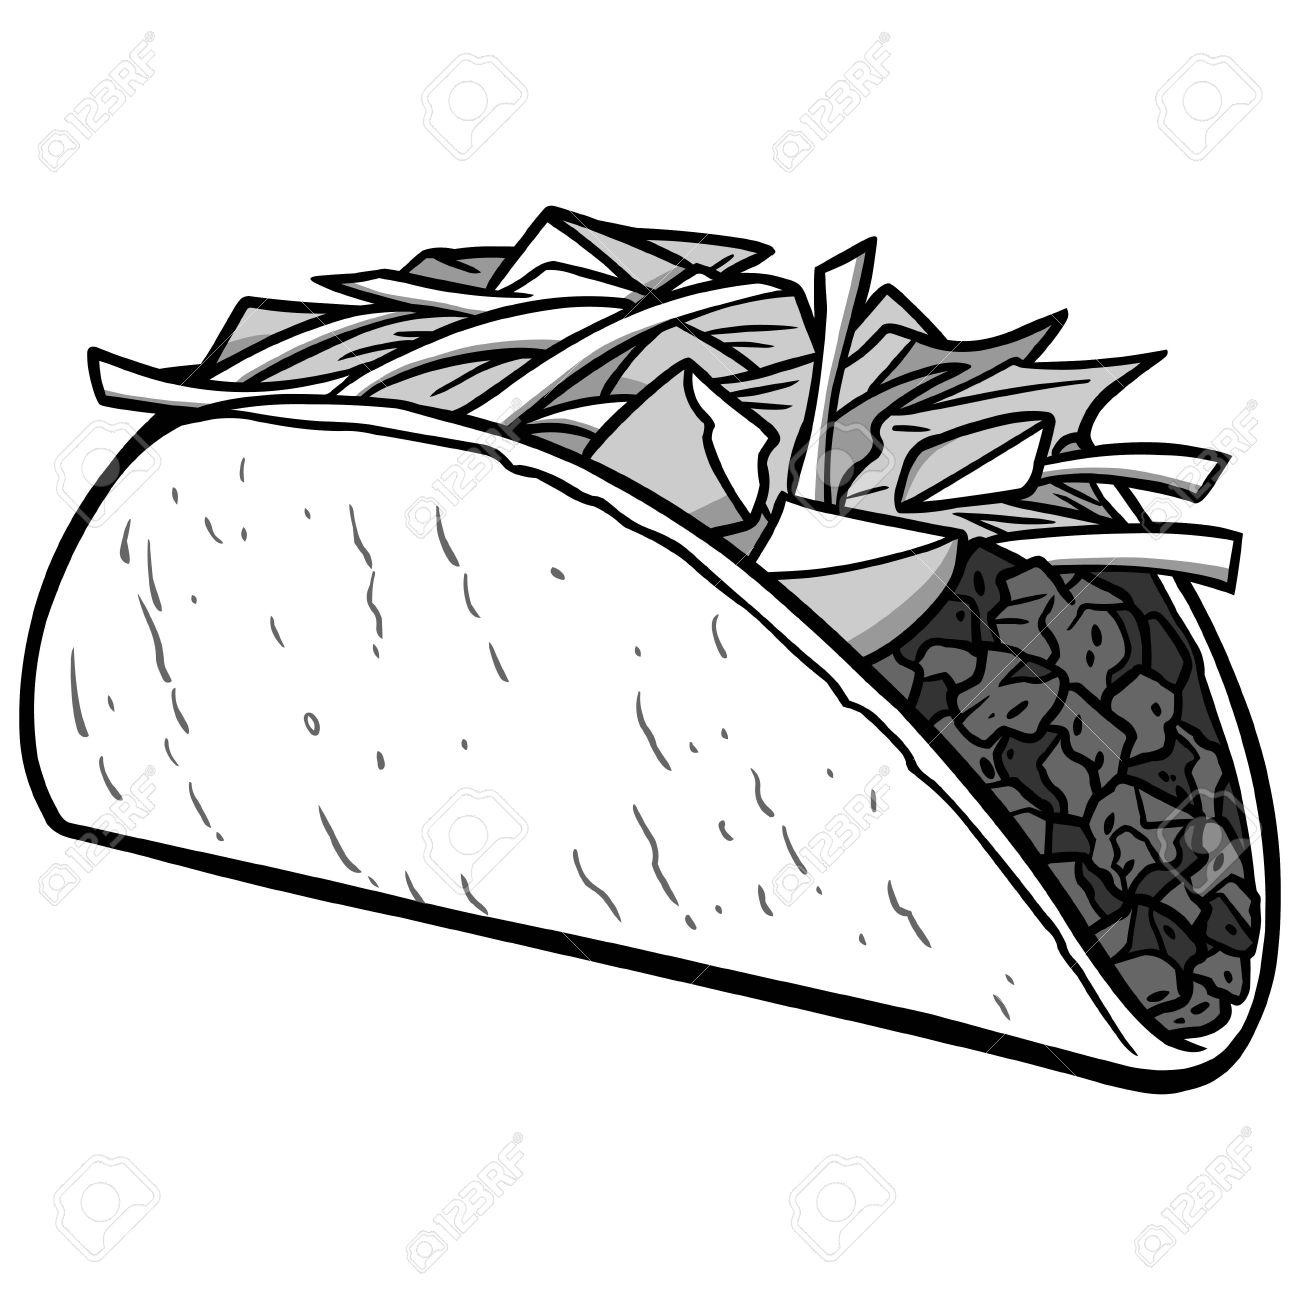 Taco Drawing At Getdrawings